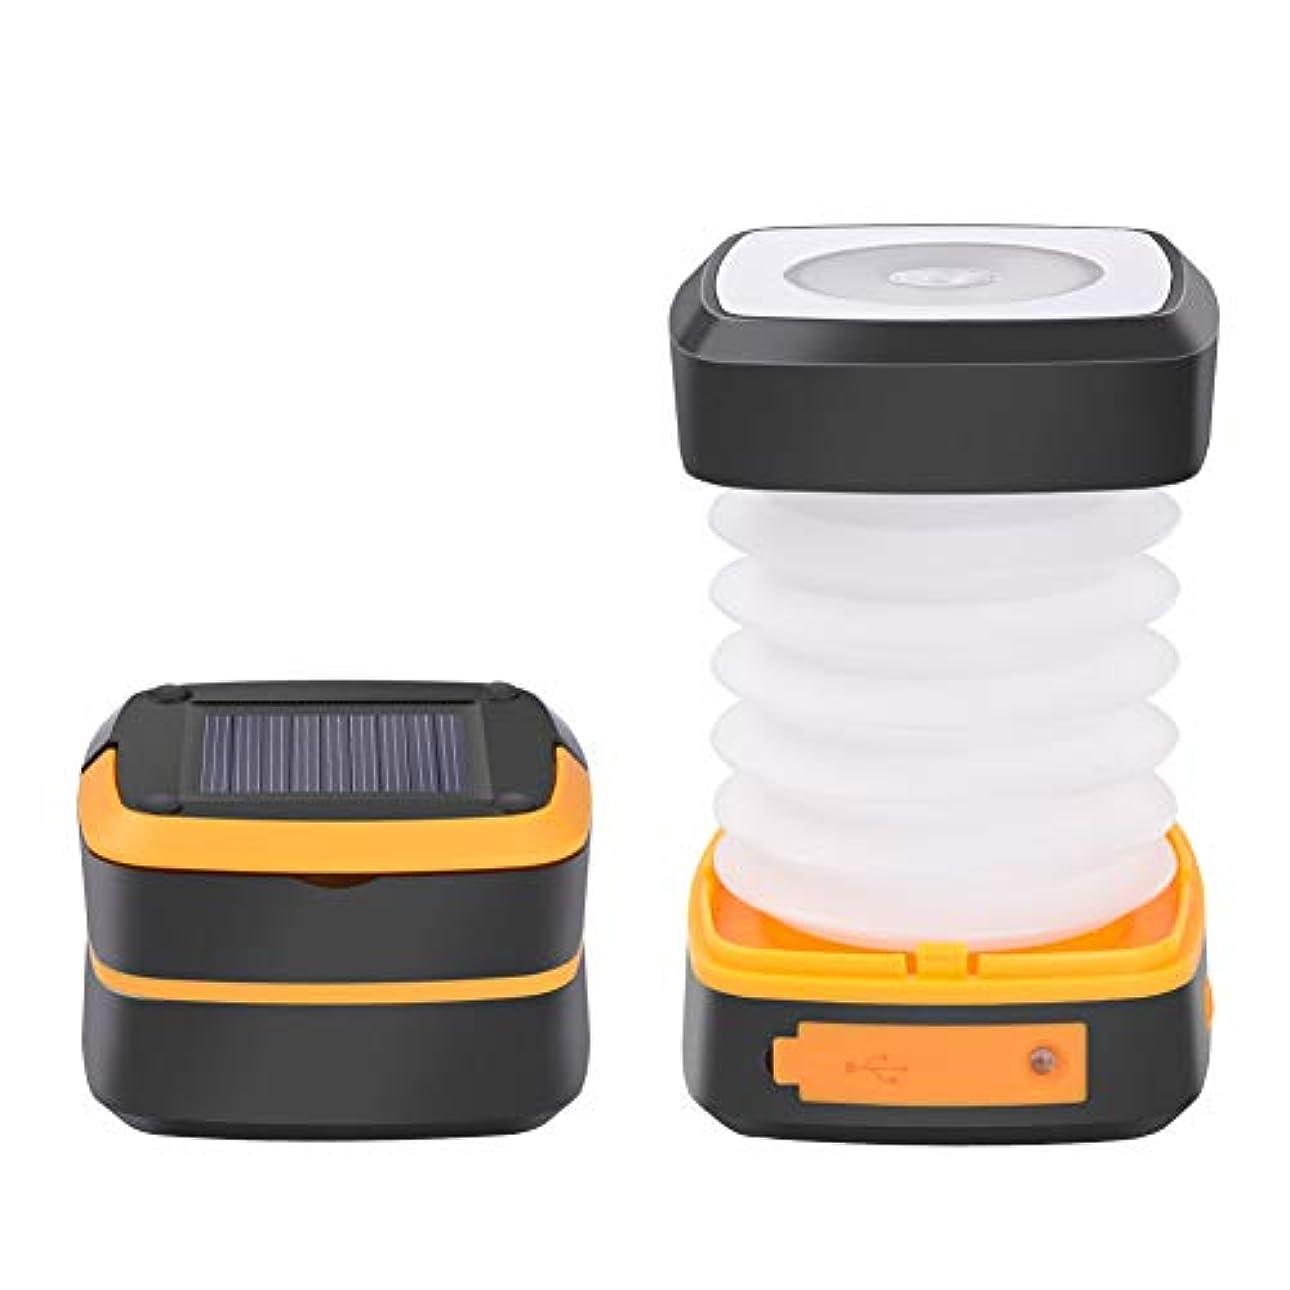 読み書きのできない通り抜ける懲戒LEDワークライトランタン (2個入り)LED ソーラーライトUSB充電式 懐中電灯 USB充電式 折り畳み式 モバイルバッテリー機能 軽量 登山 夜釣り ハイキング アウトドア キャンプ用 防災対策